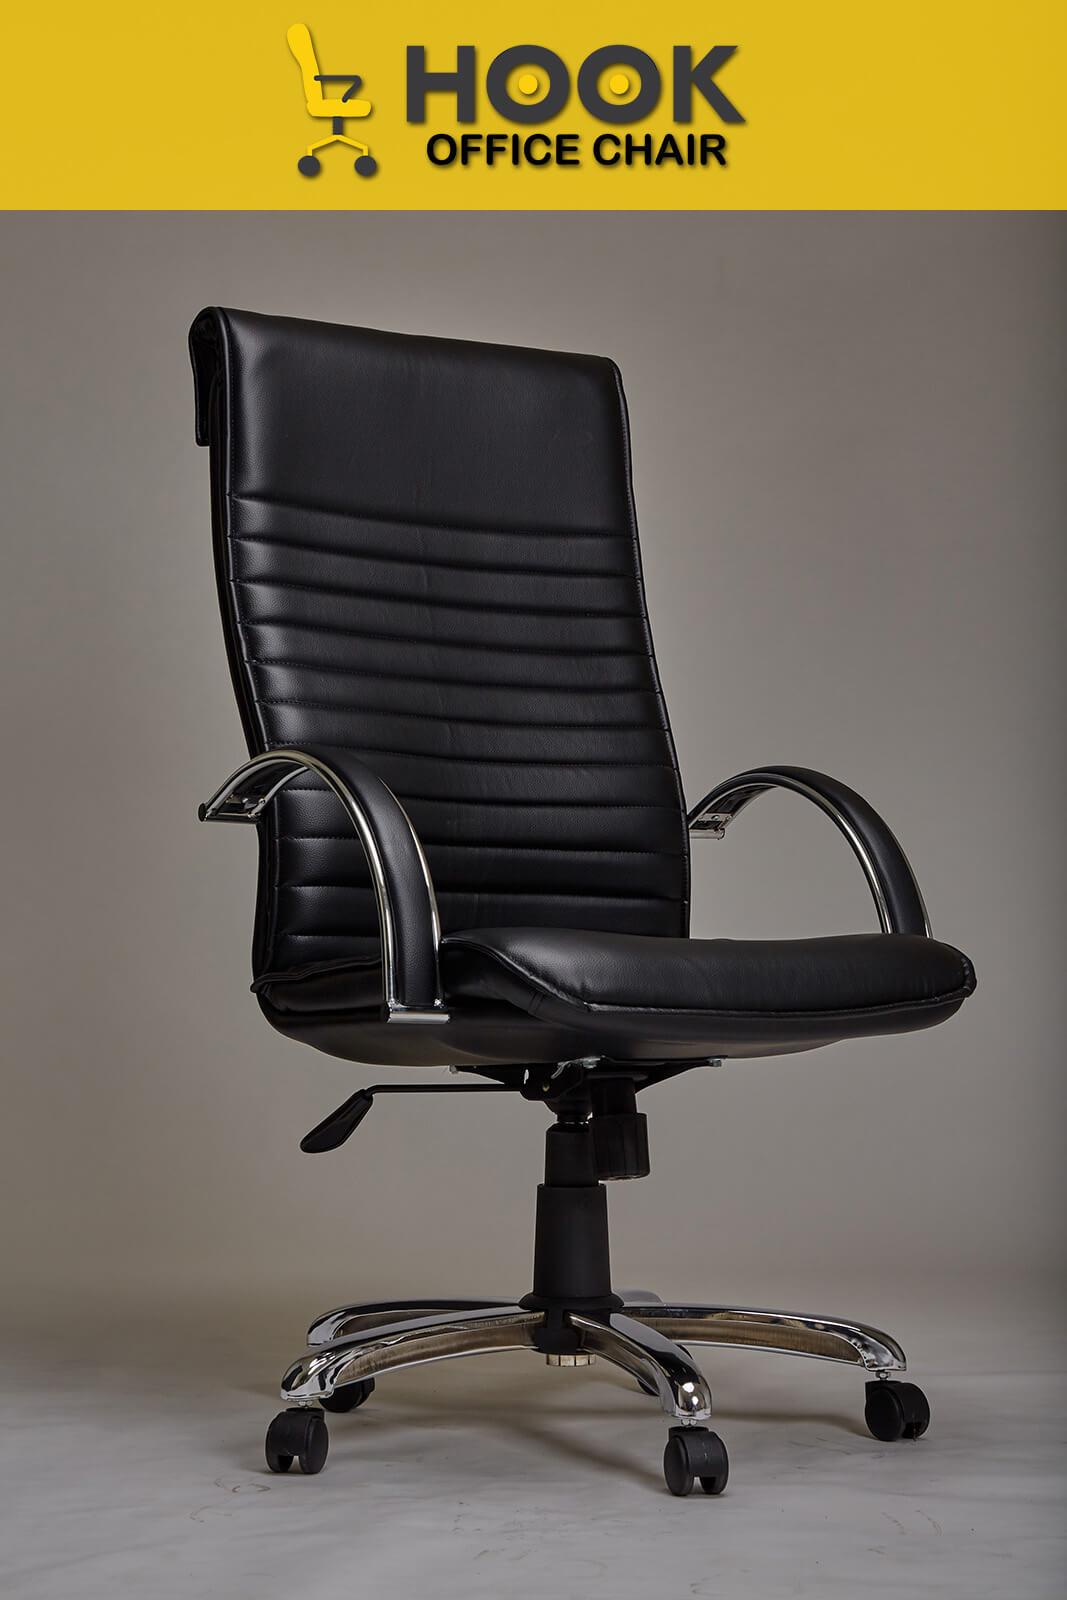 เก้าอี้ผู้บริหาร เก้าอี้สำนักงาน รุ่น H03-002